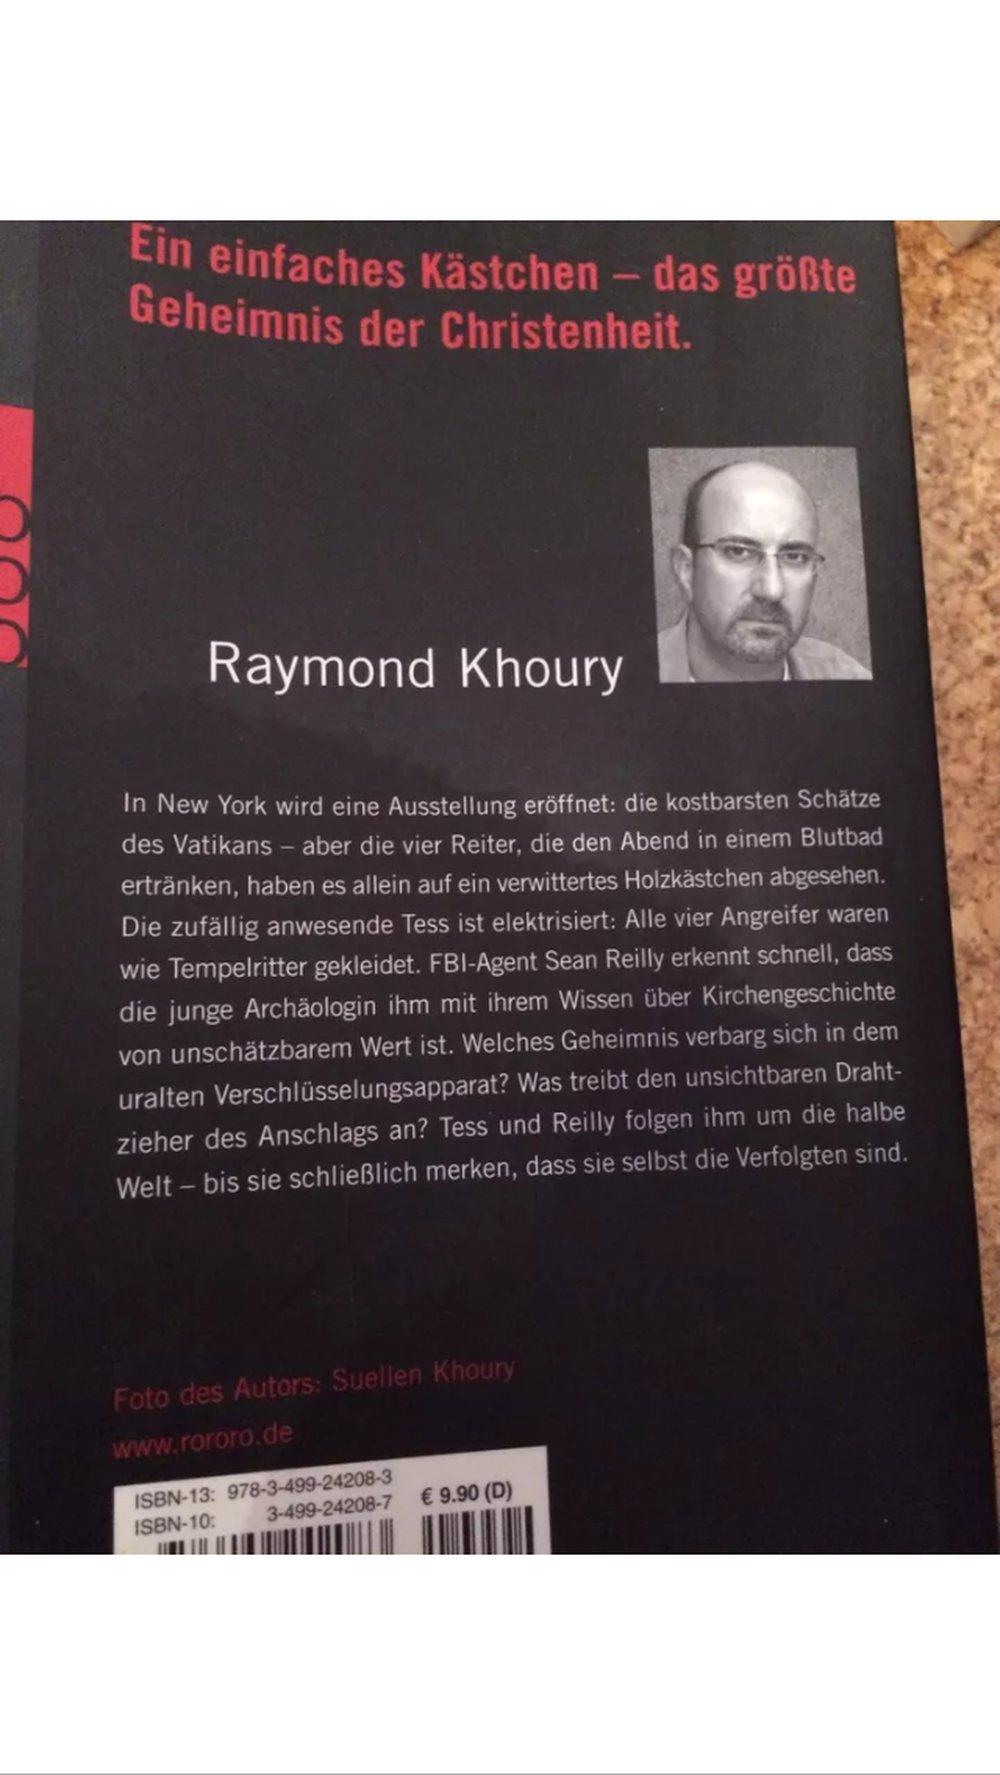 Horbücher Bestseller